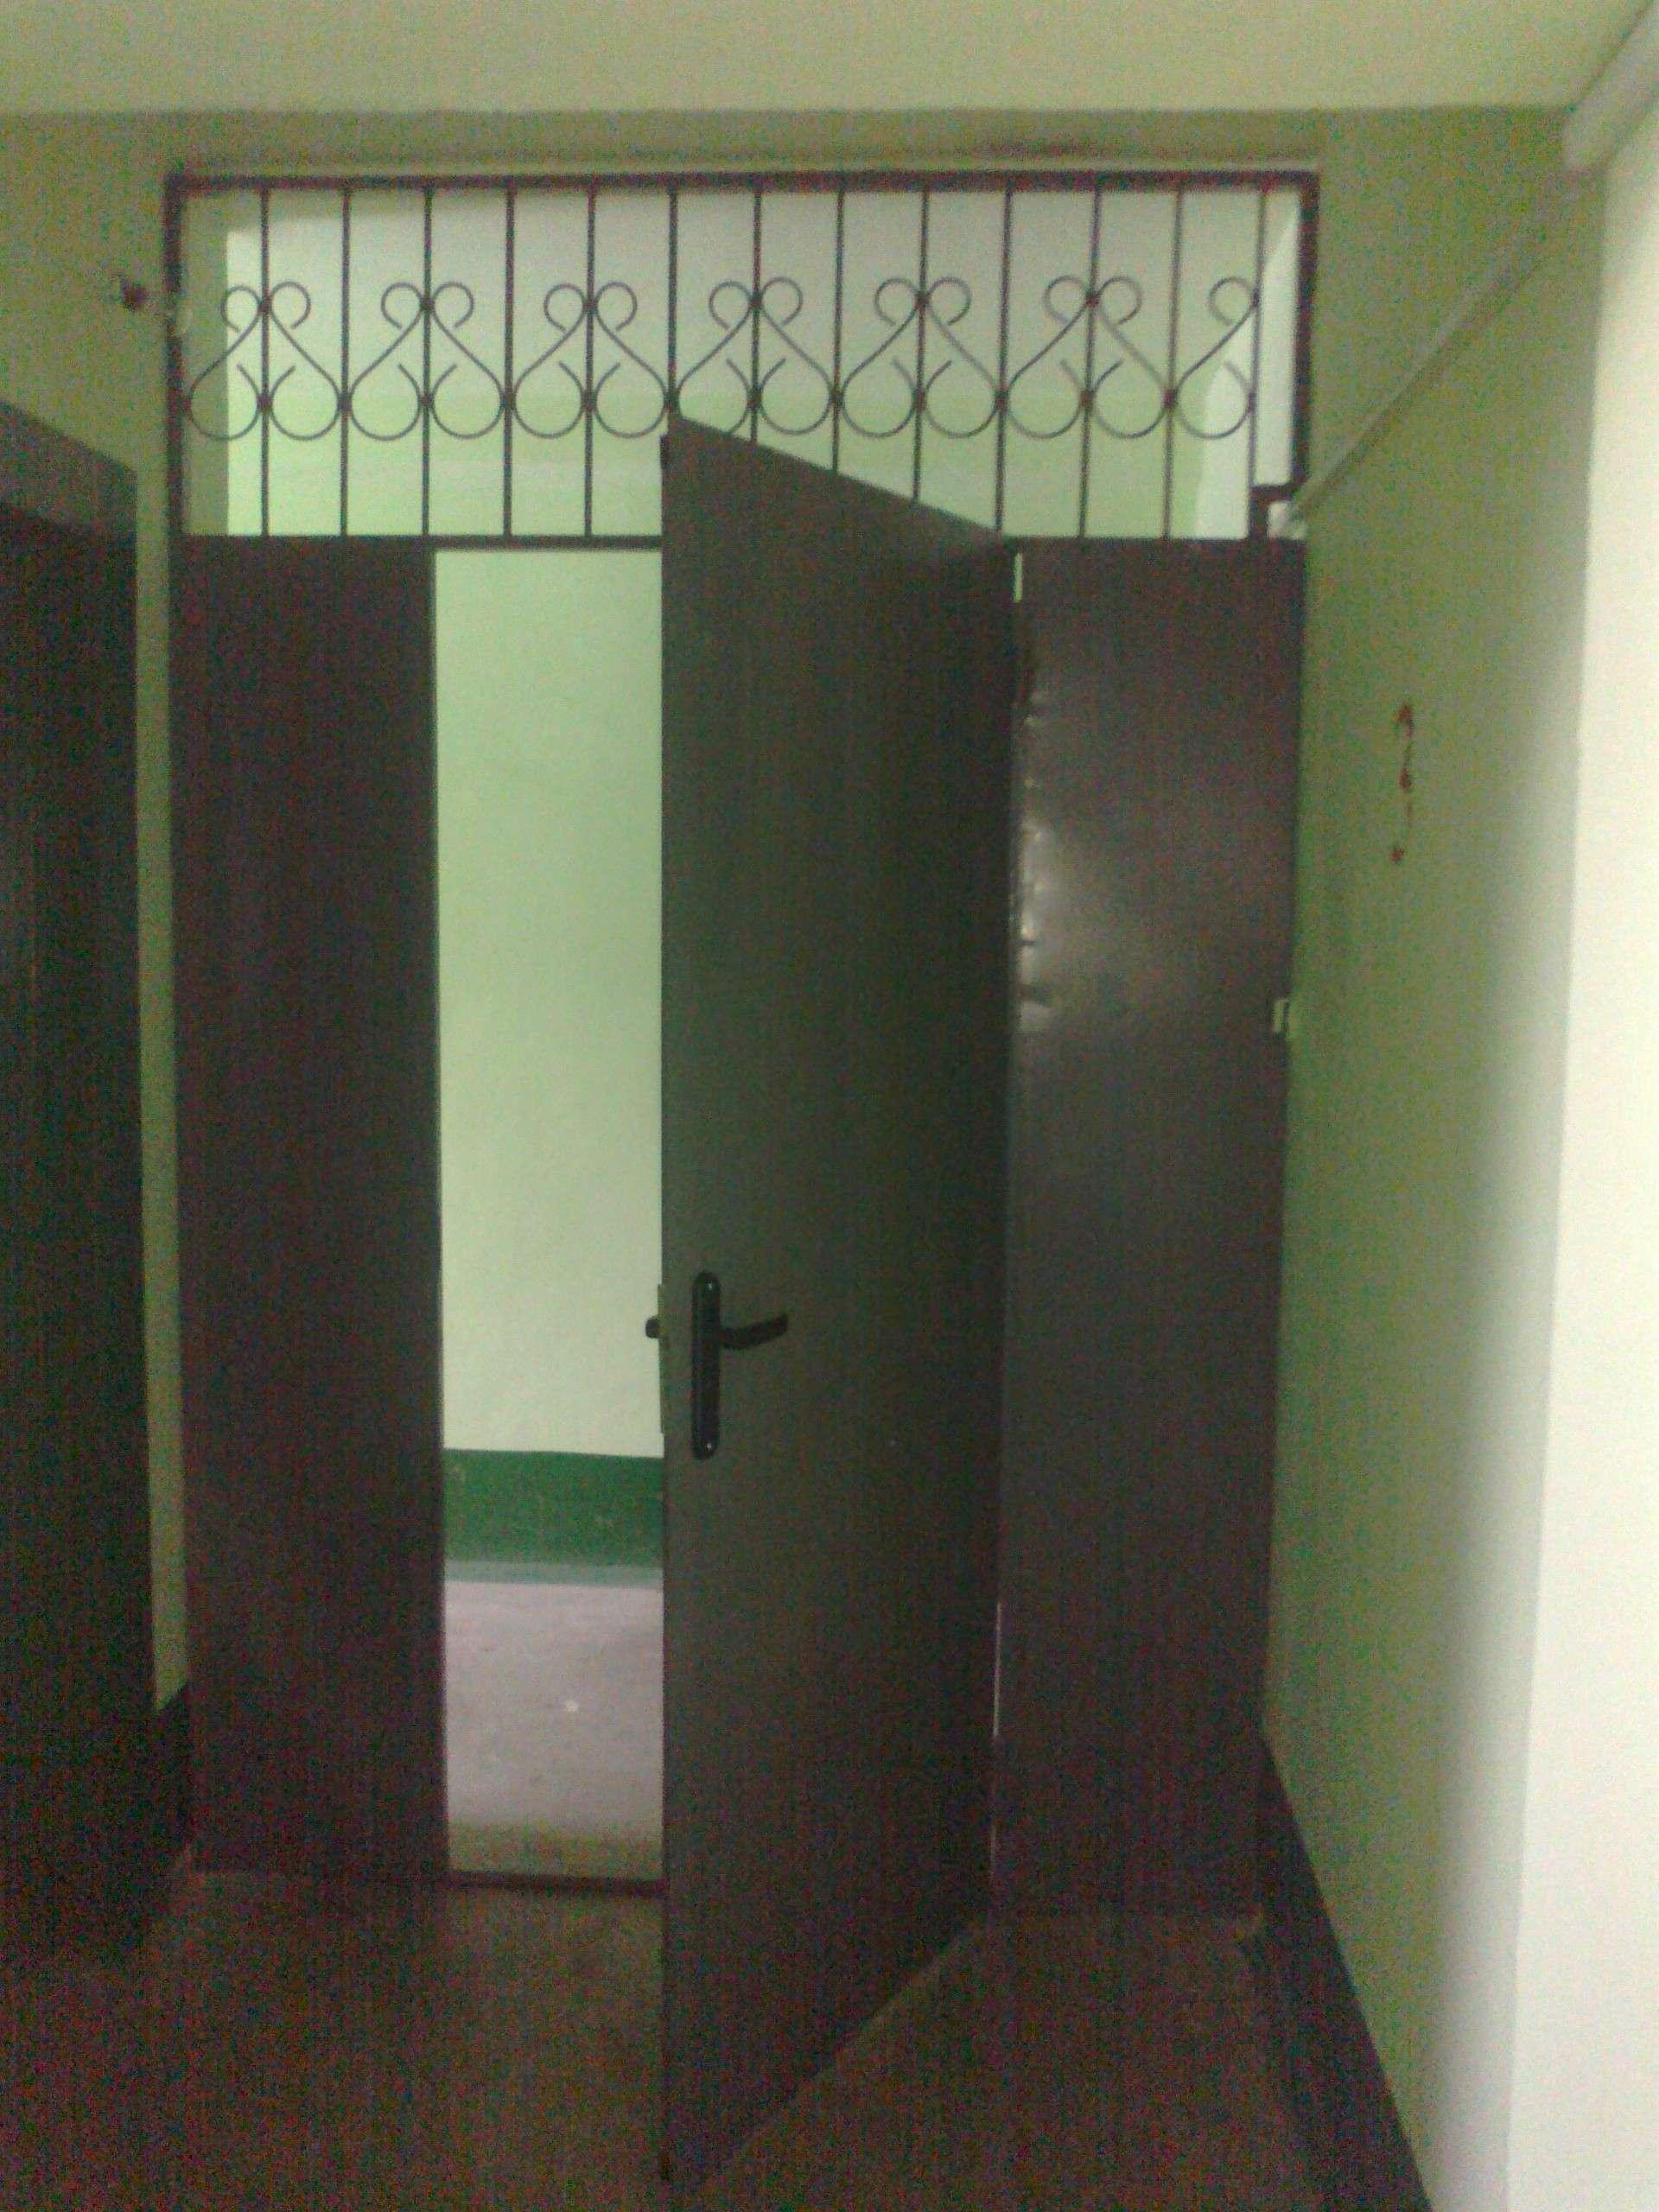 сколько стоит поставить железную дверь на лестничной площадке